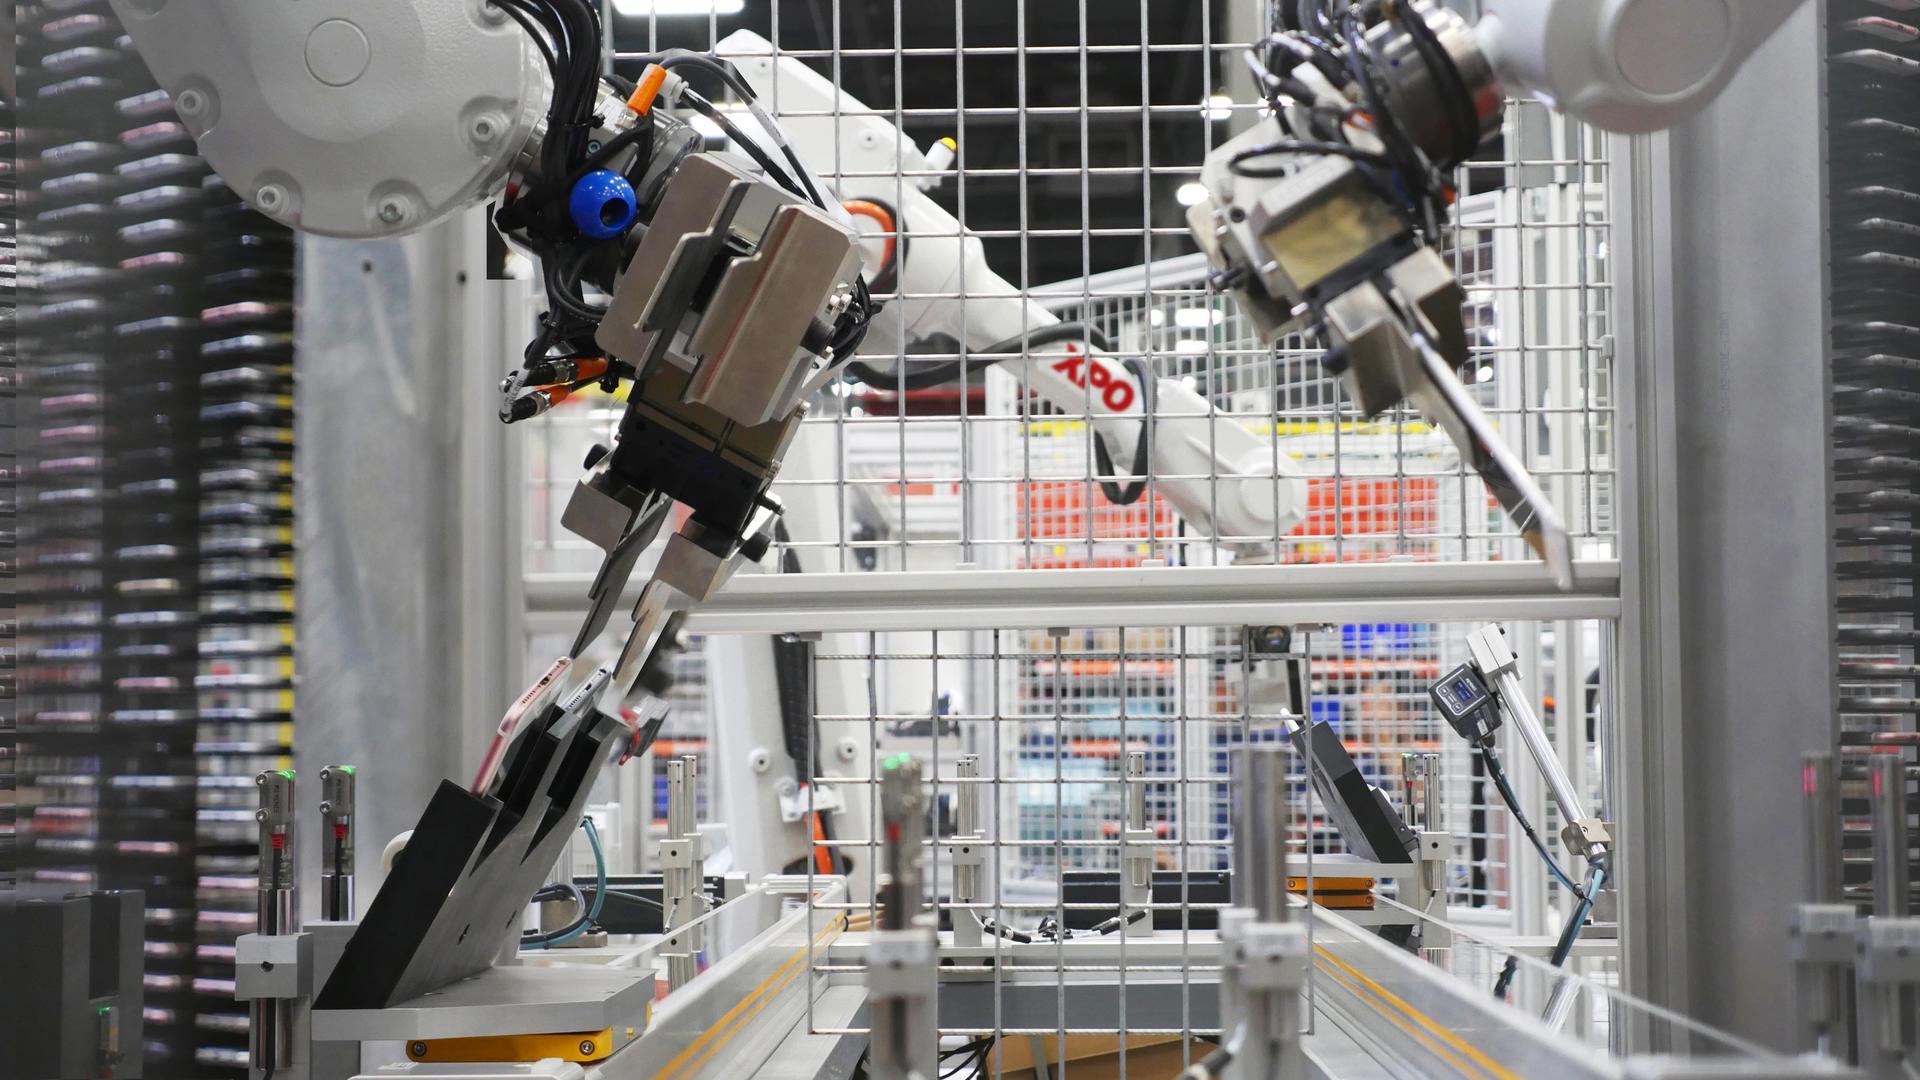 XPO robots